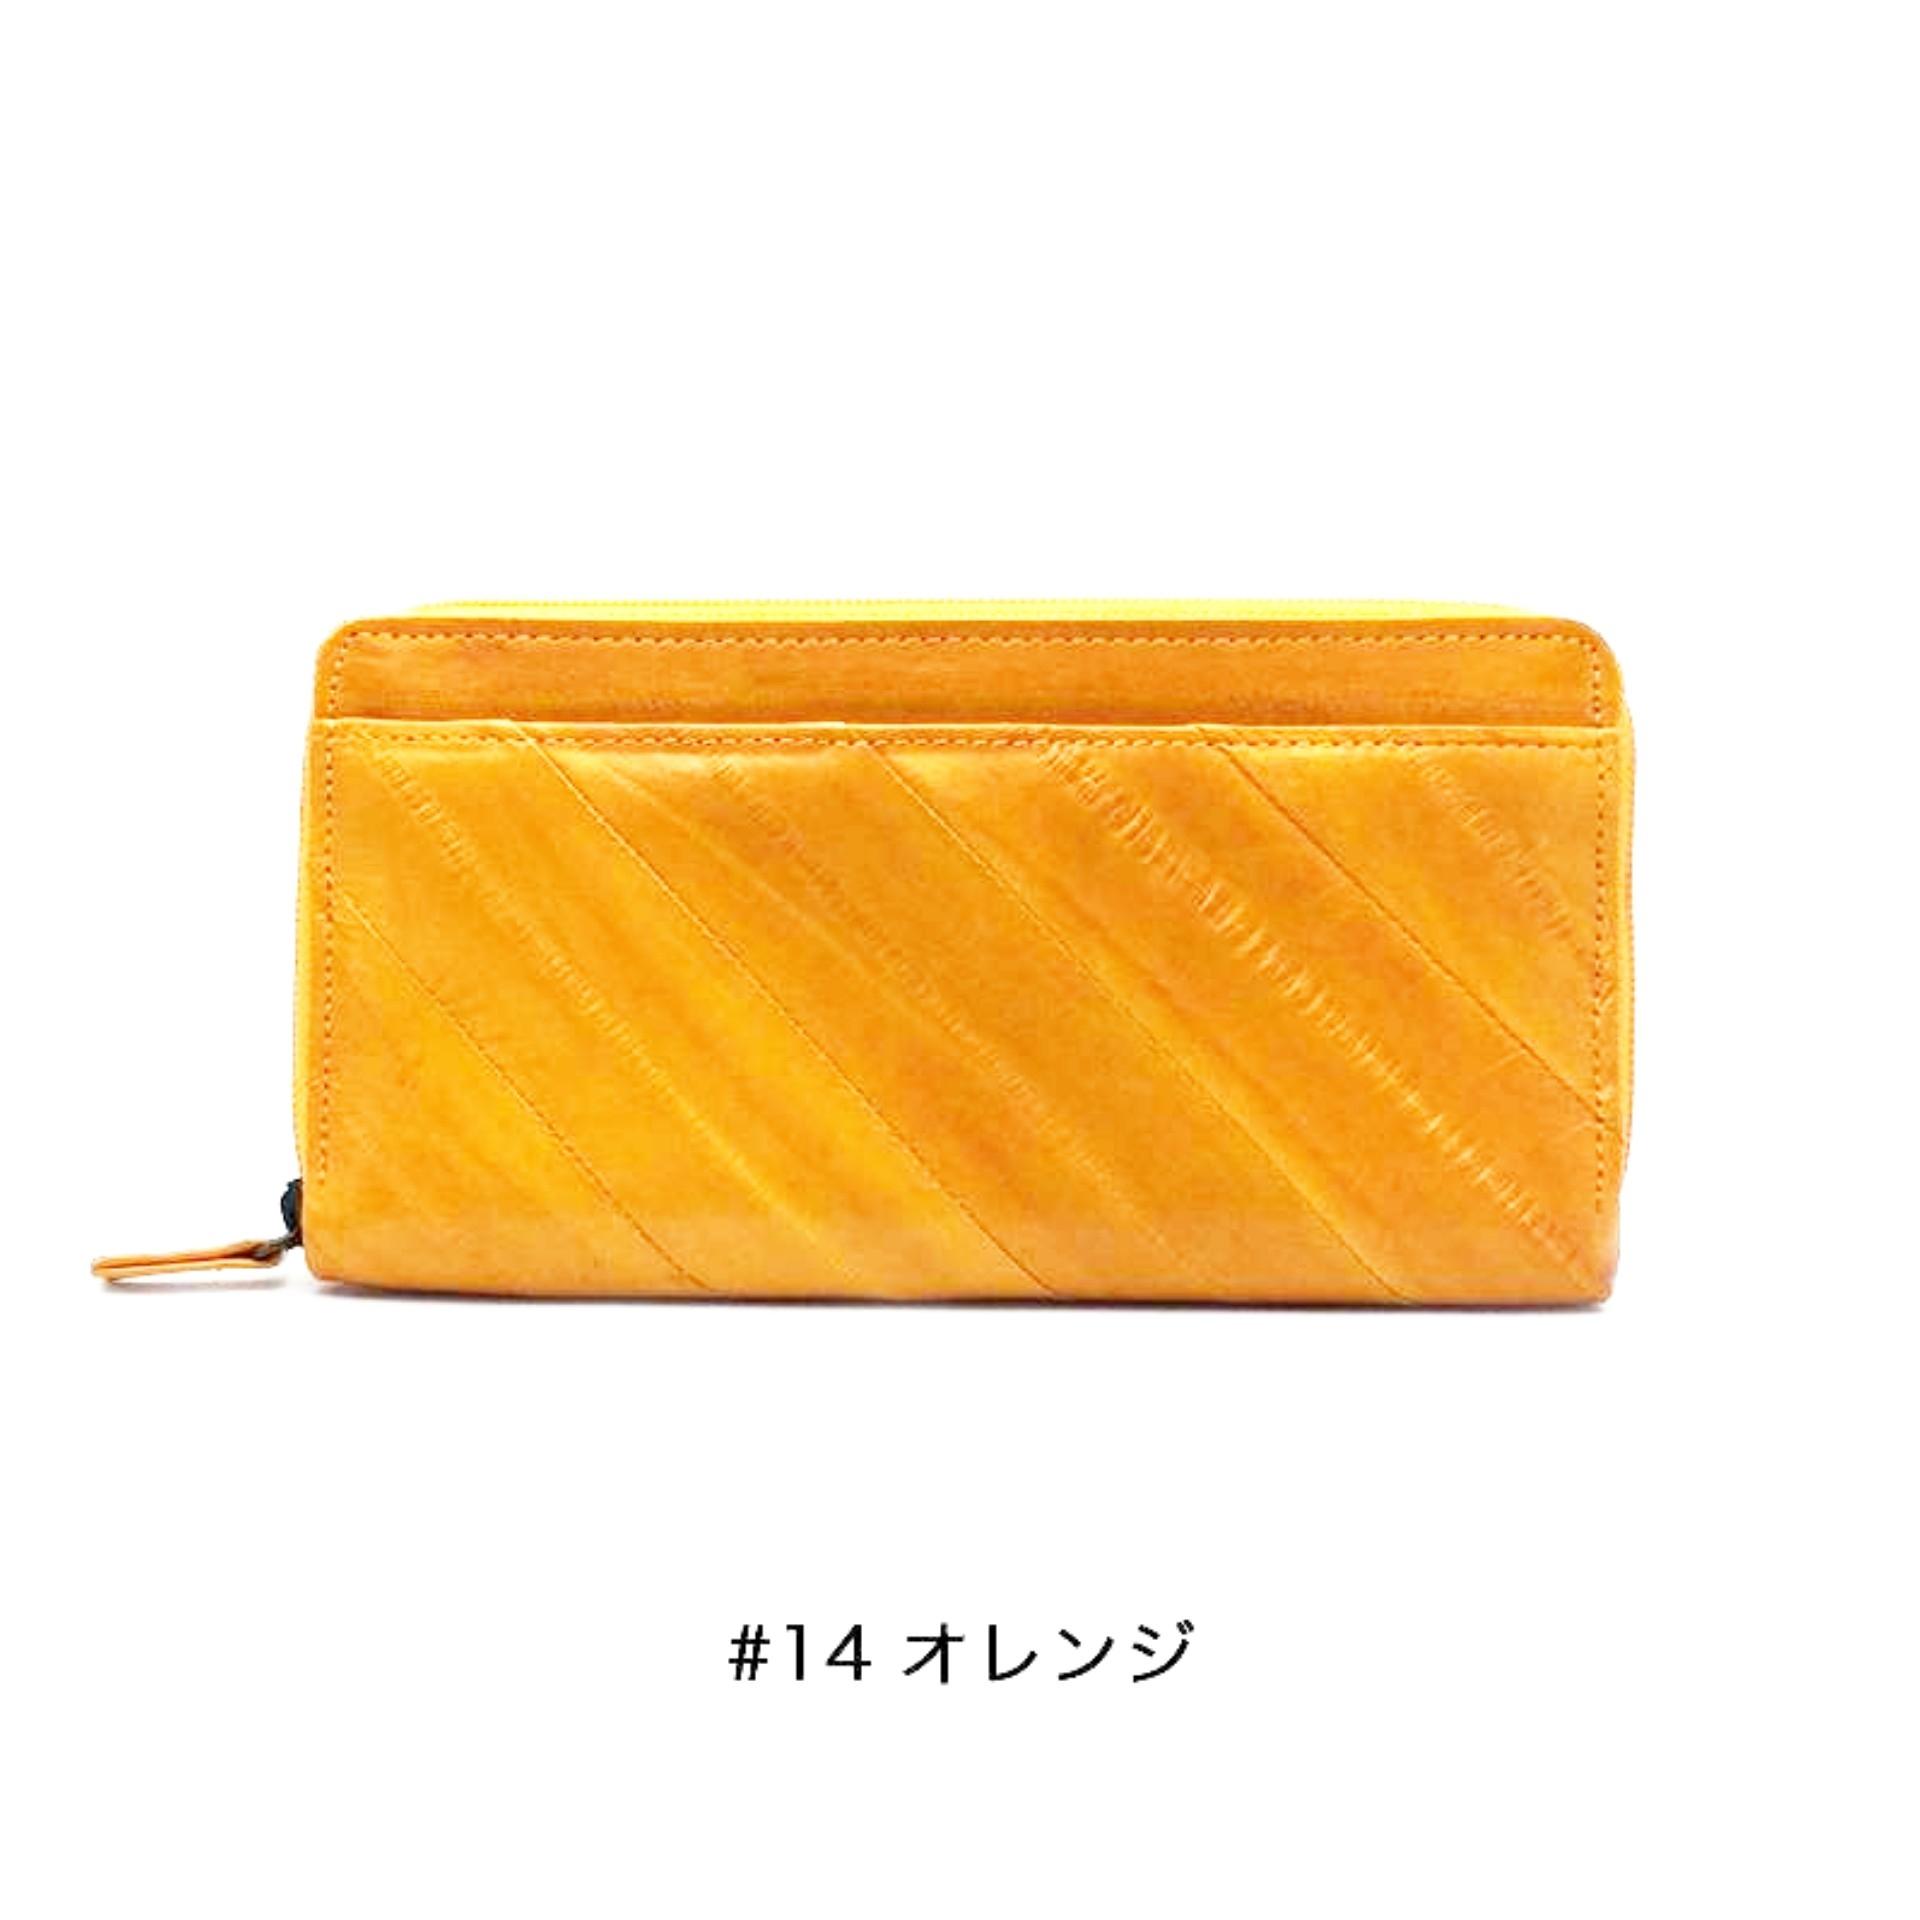 新ラウンドファスナー長財布(オレンジ)